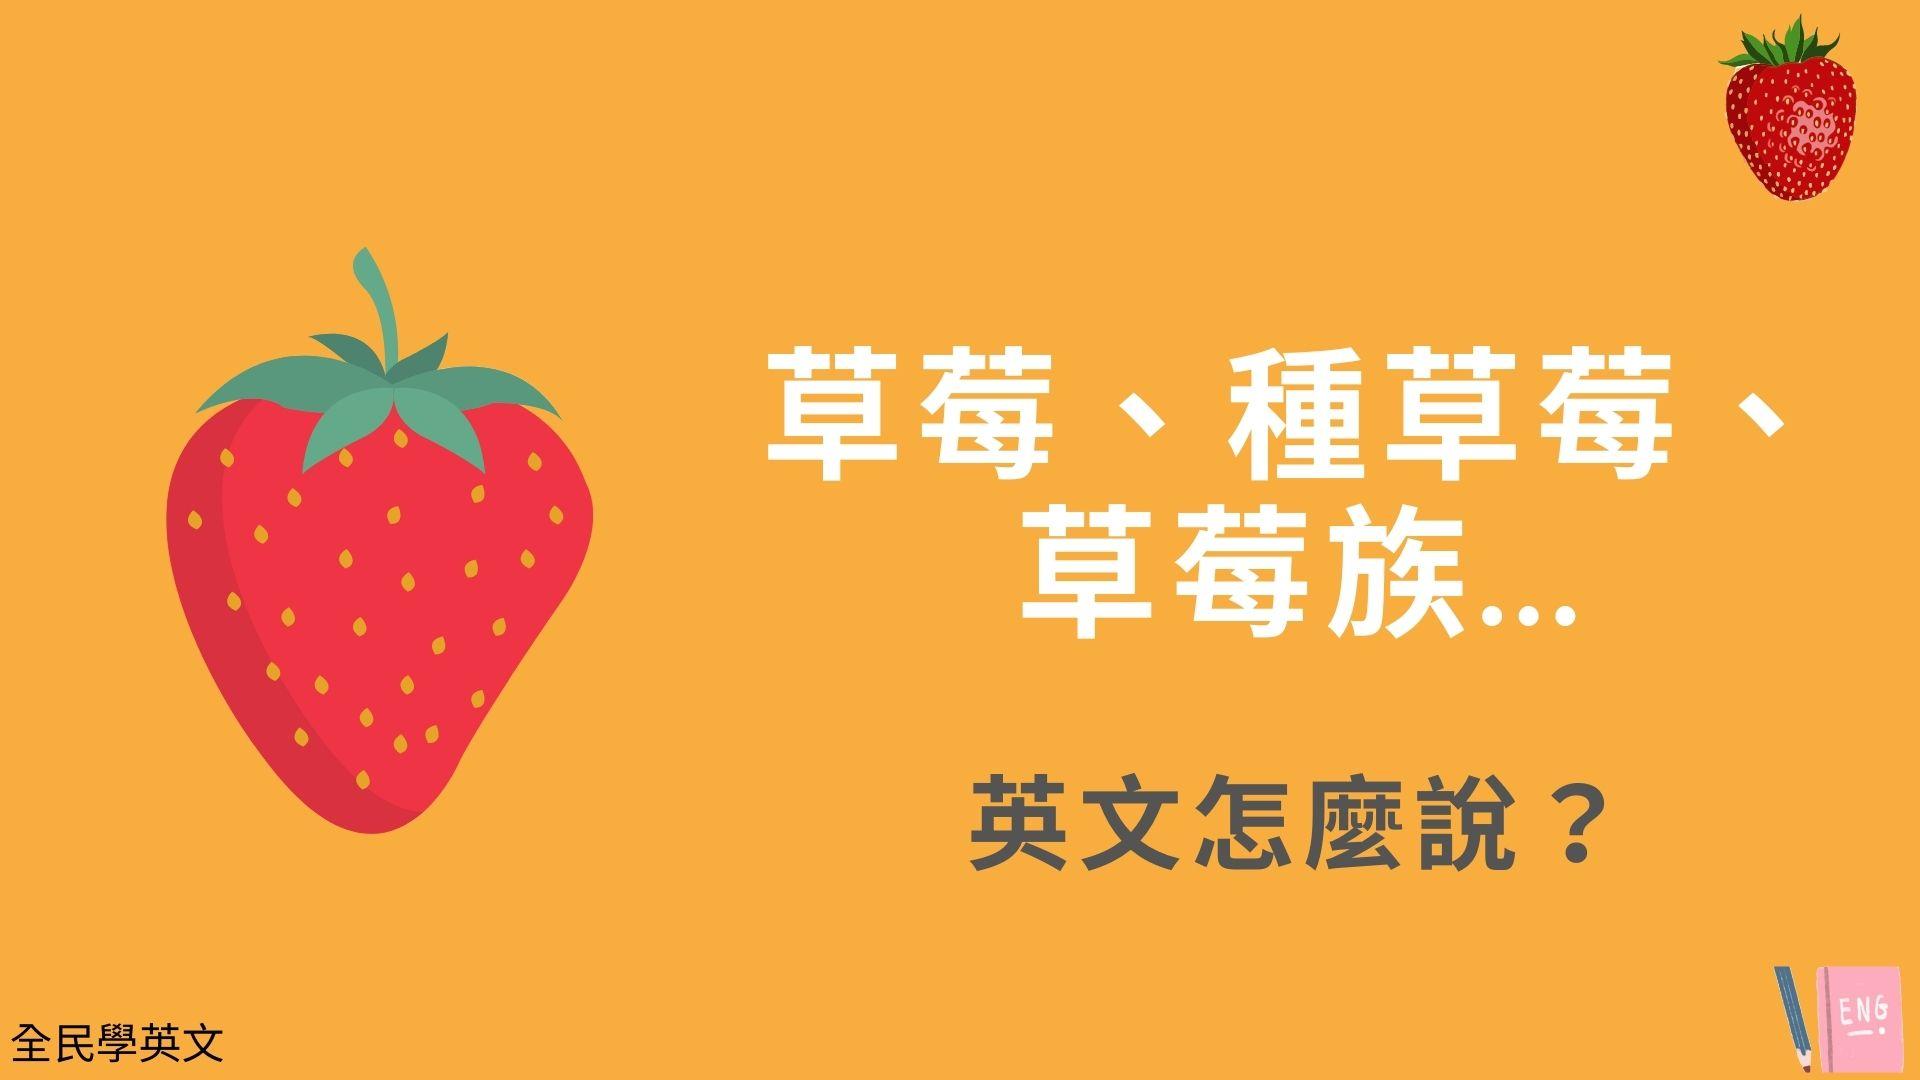 草莓、種草莓、草莓族...英文怎麼說?看例句搞懂